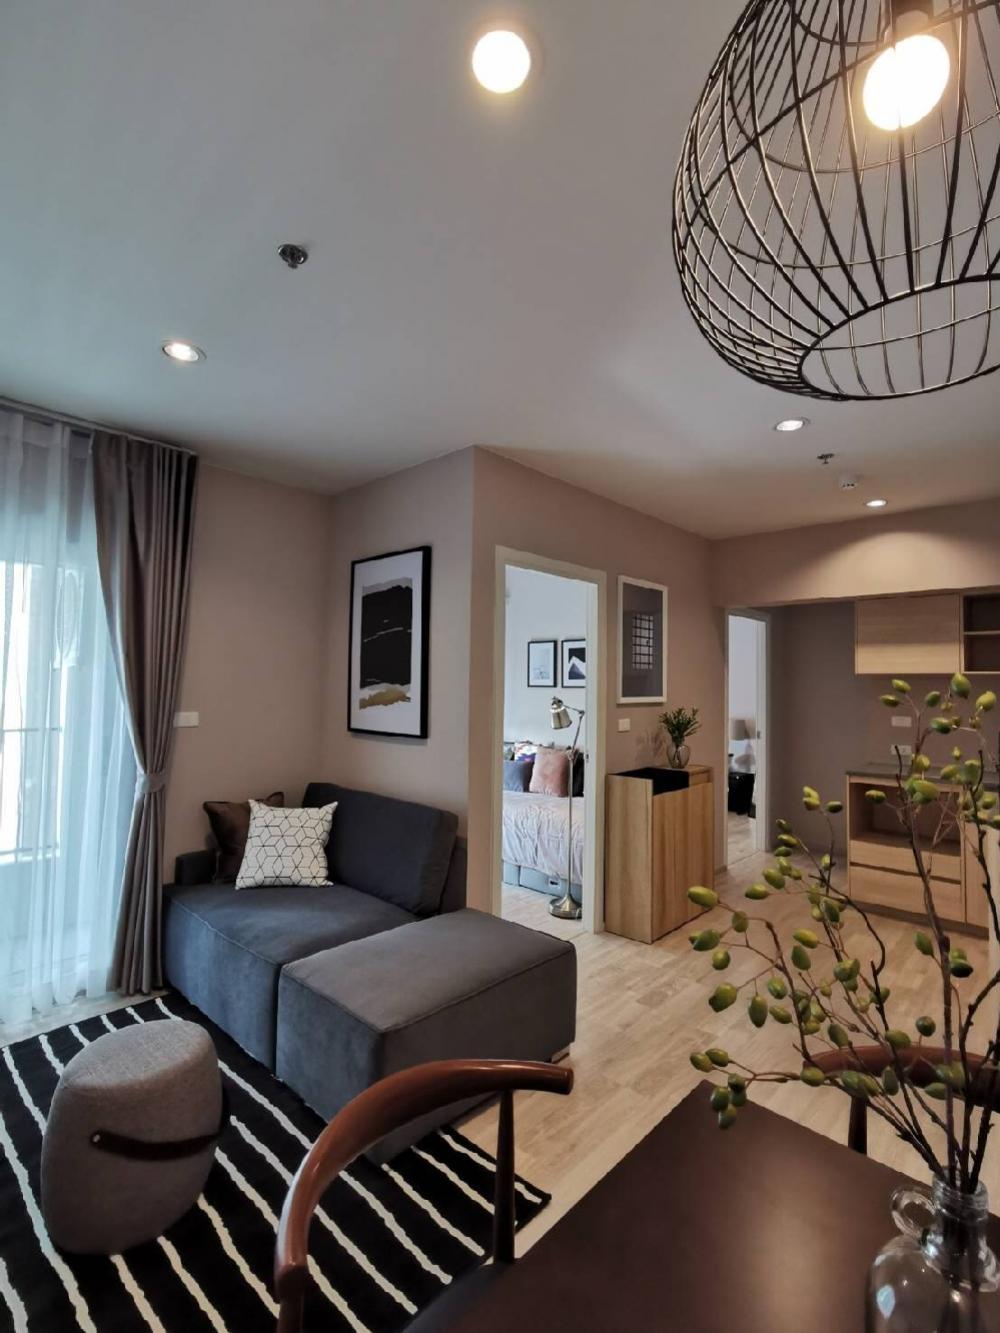 เช่าคอนโดพระราม 9 เพชรบุรีตัดใหม่ : Room avaiable JUNE2020 Sale With tenant 4.7 Mb net  For Rent*****Fully Furnished( Owner Post )ให้เช่า พลัม รามคำแหงห้องใหญ่ ราคาดีRare Item 1 BedPlus 39 ตรม  ***** วิวสระ ชั้น 15 ตำแหน่ง 28